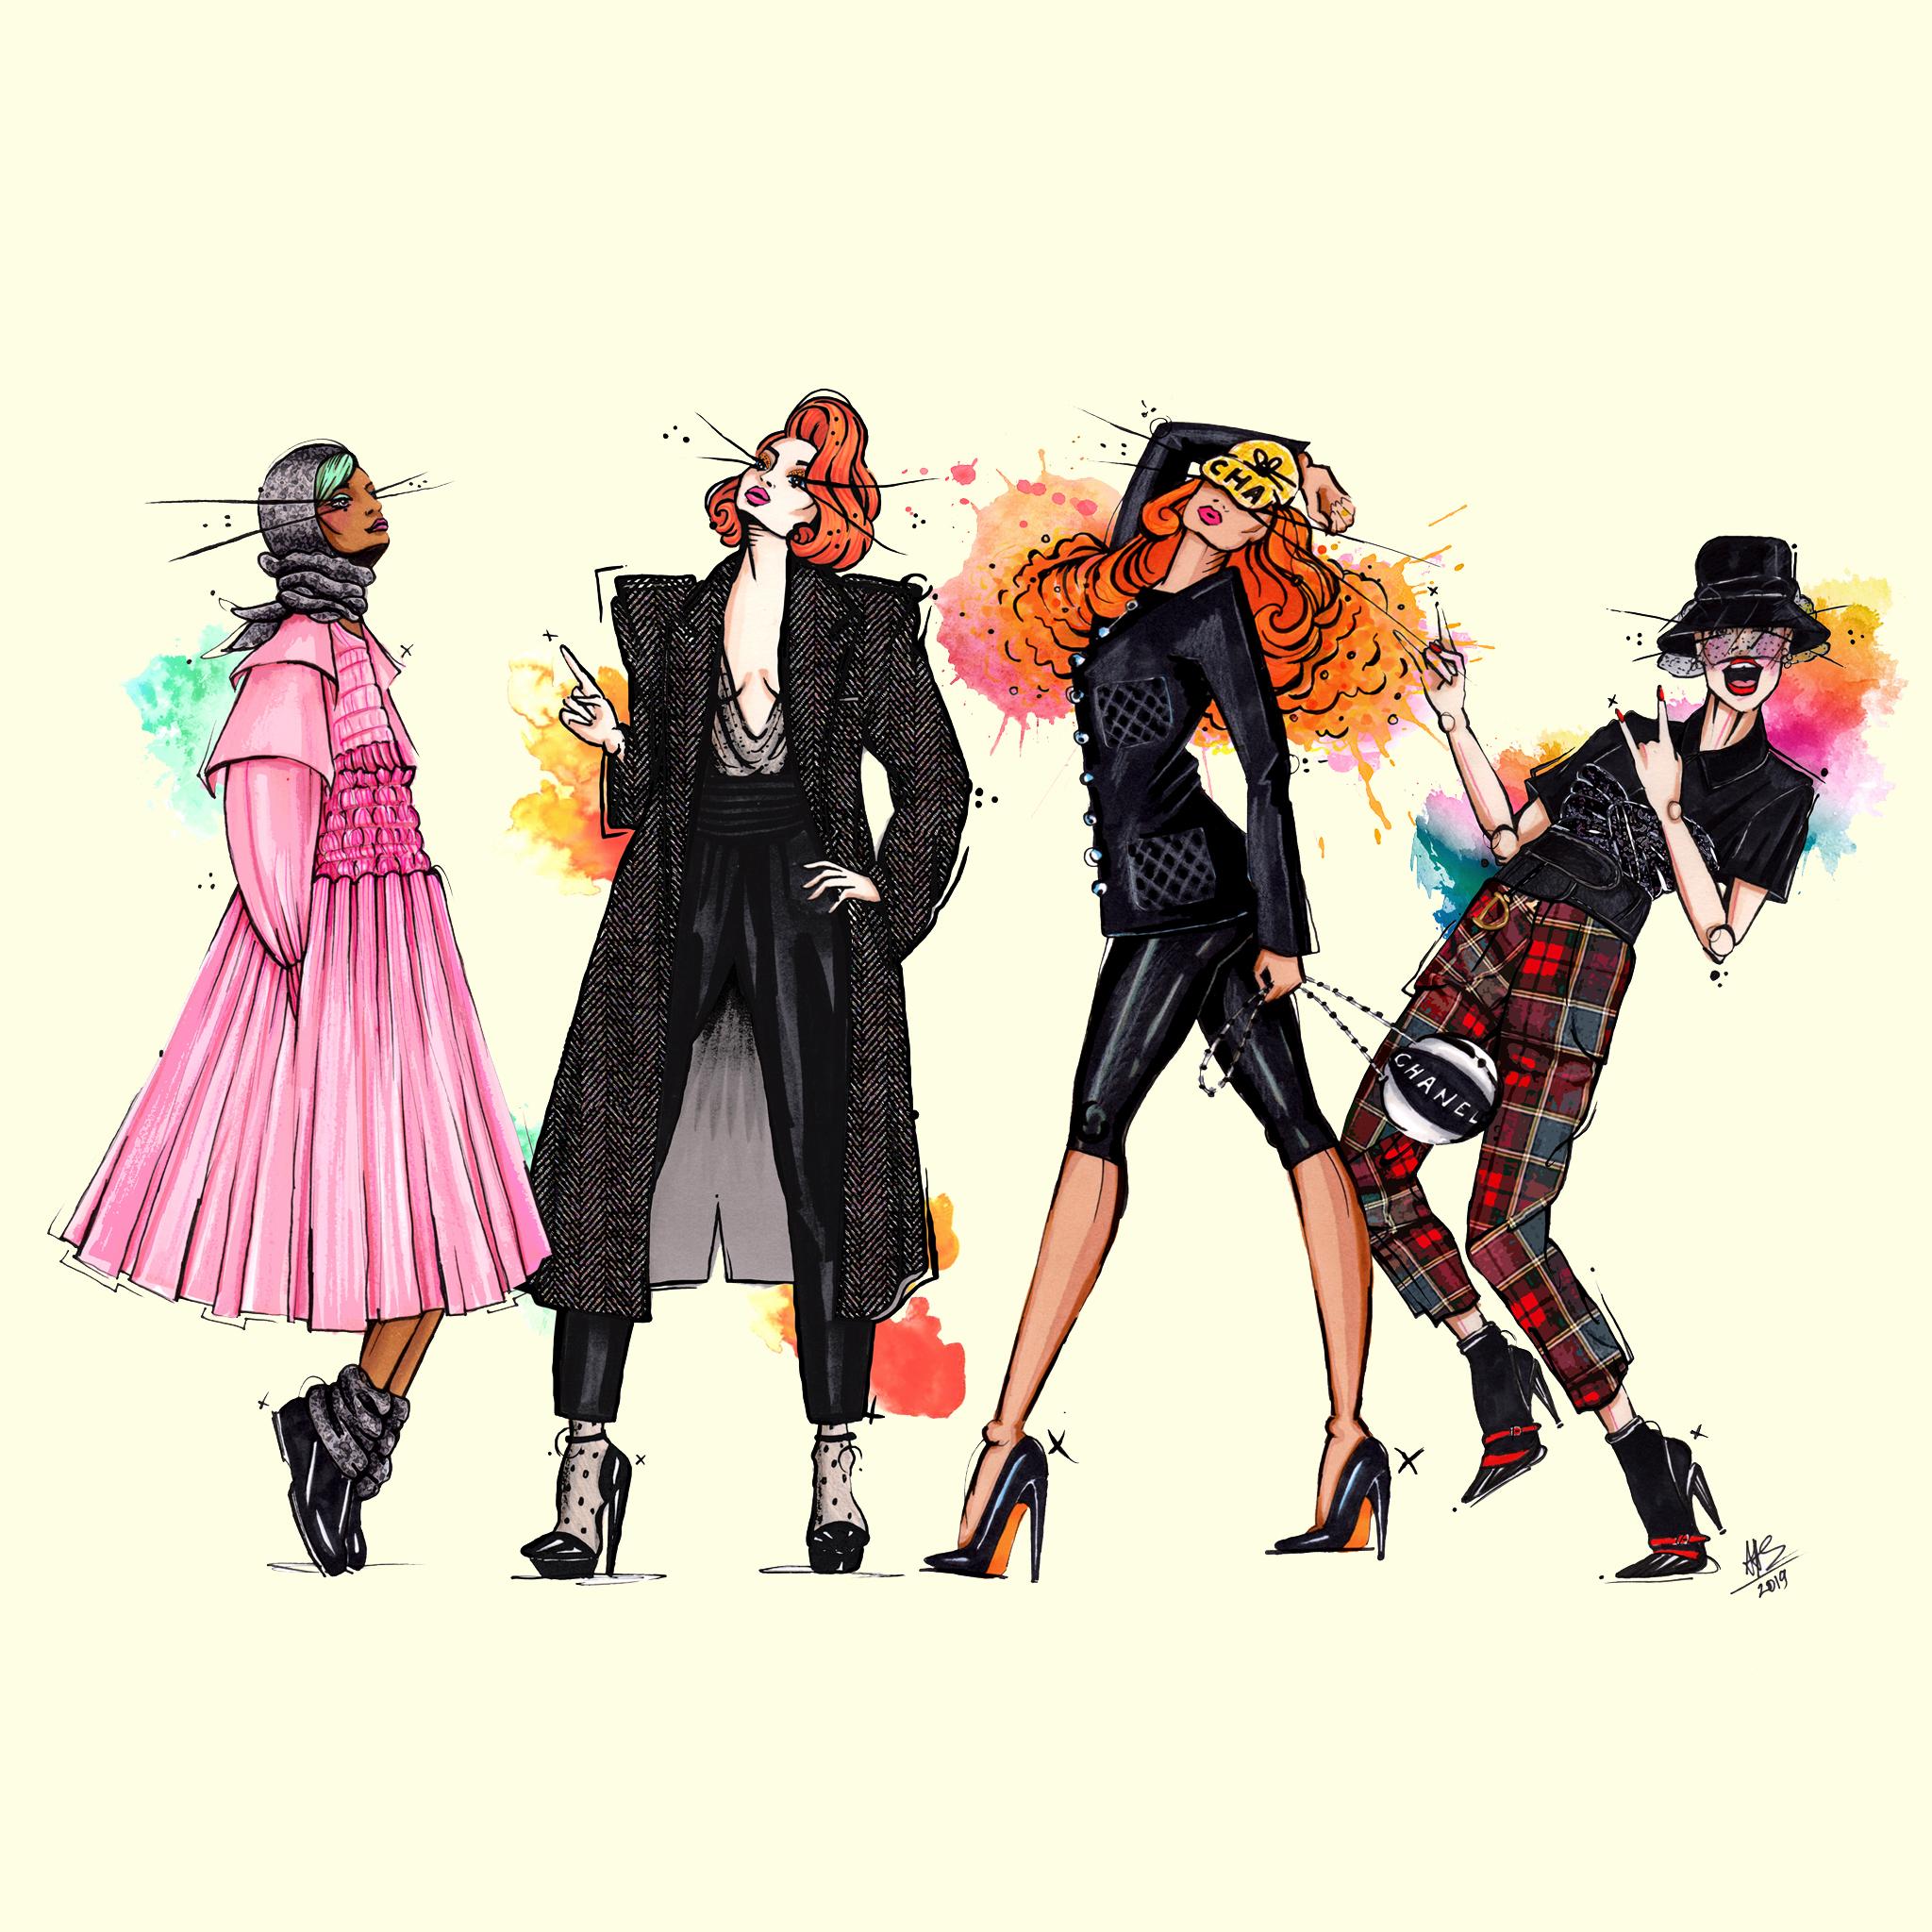 aase hopstock bold vibrant fashion illustration